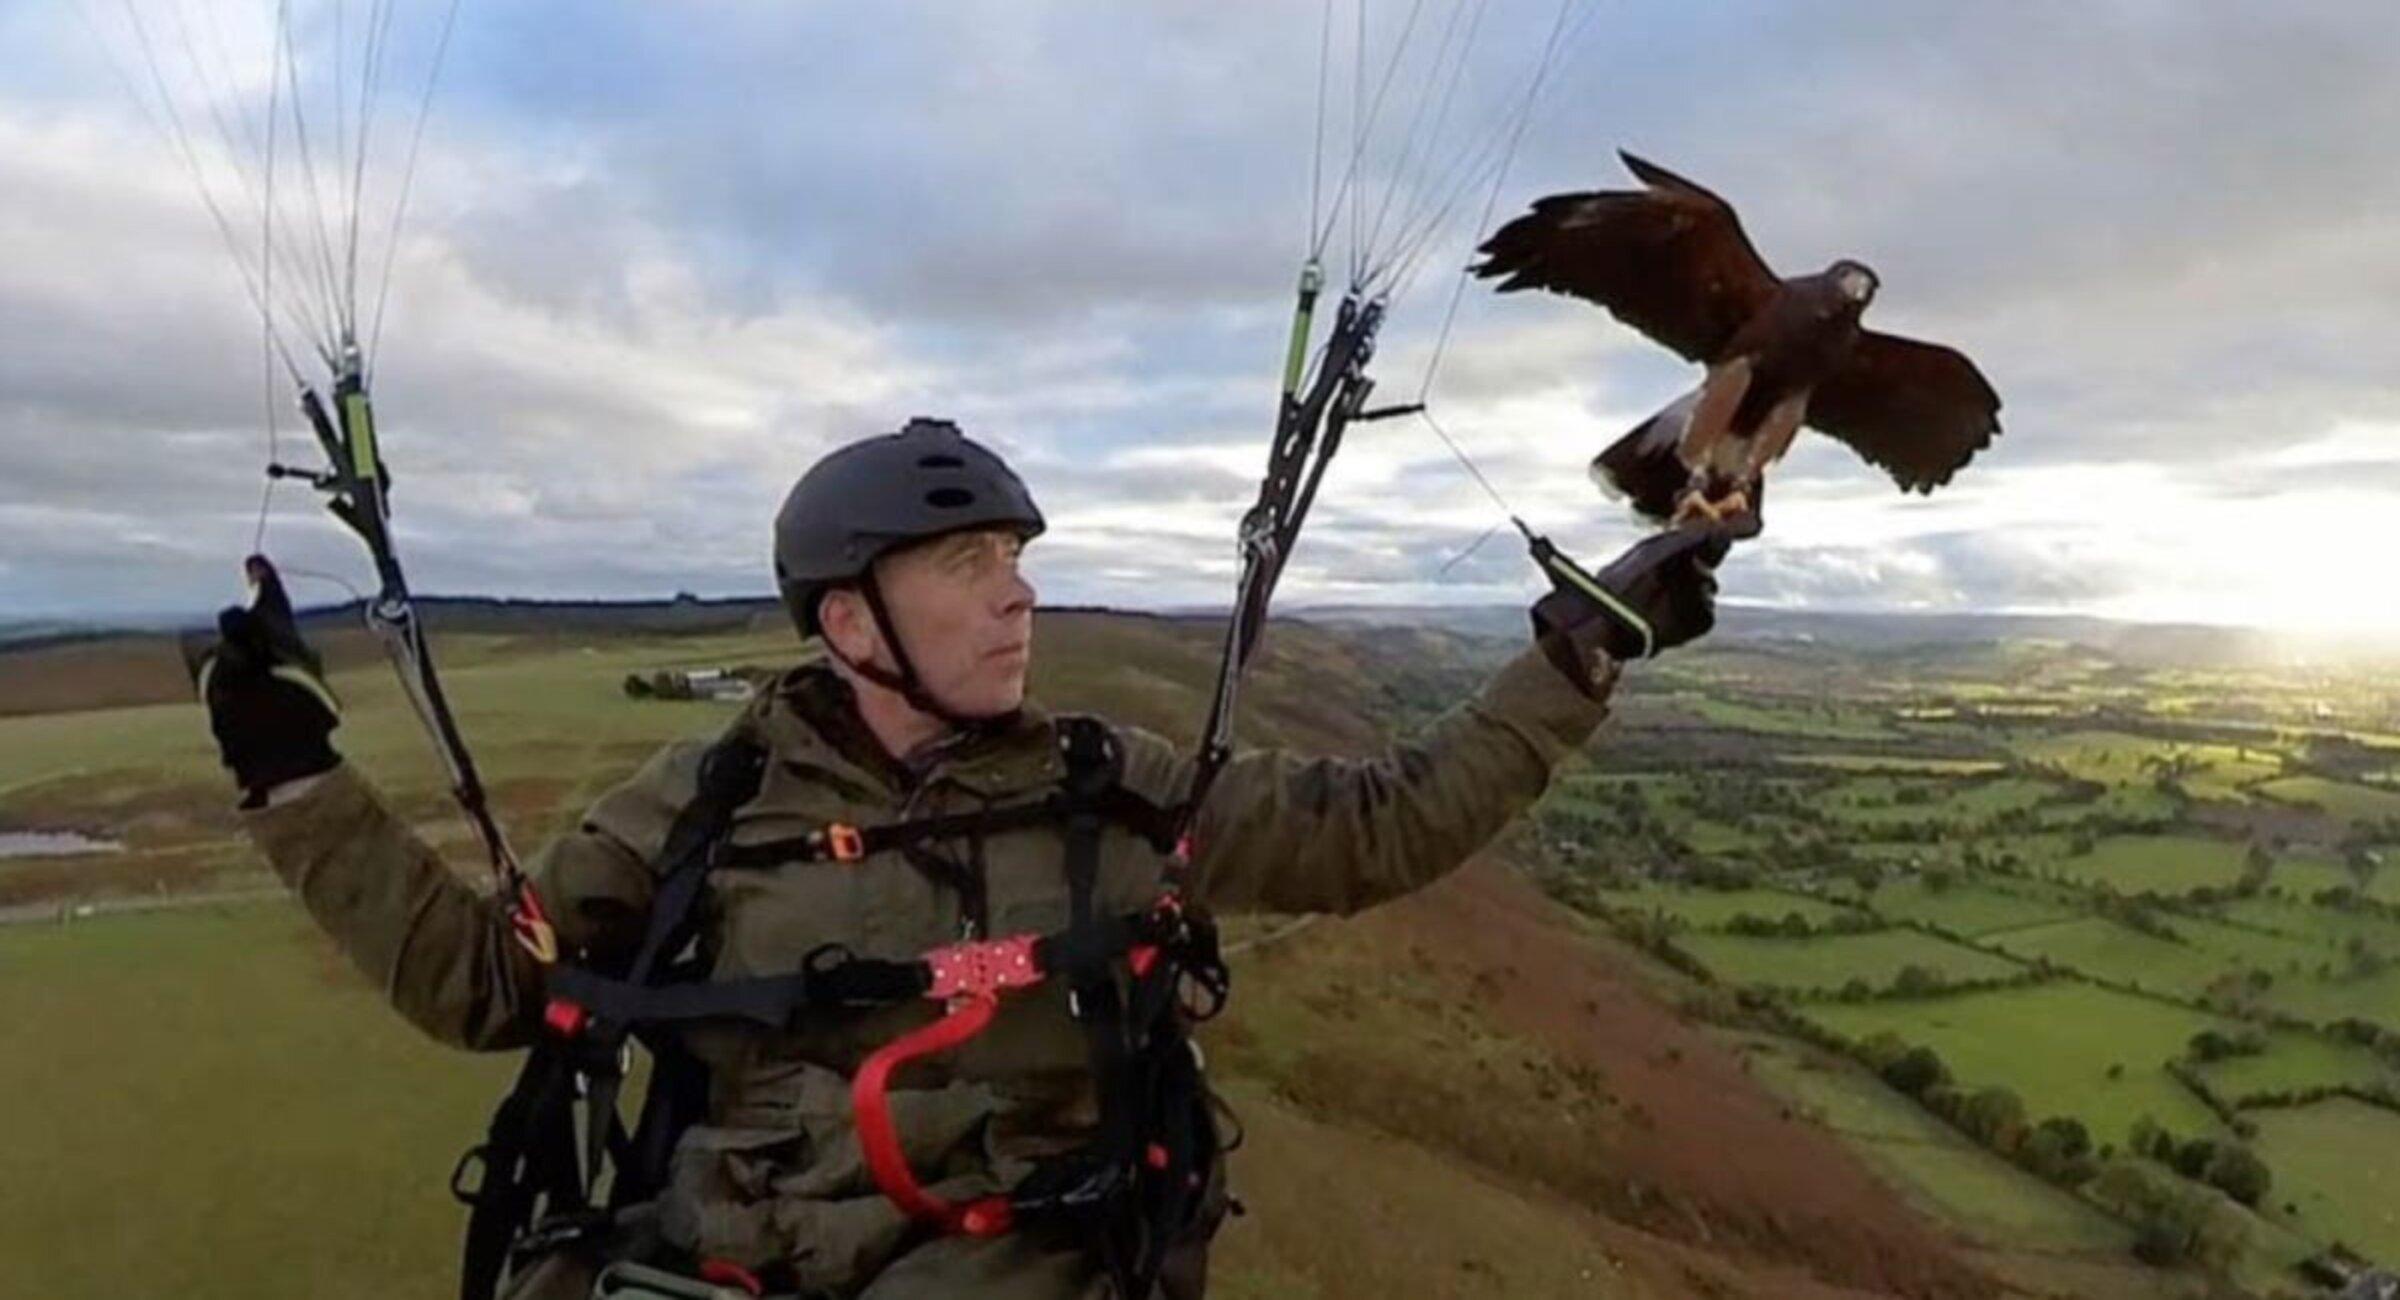 El hombre que vuela en parapente al lado de su halcón